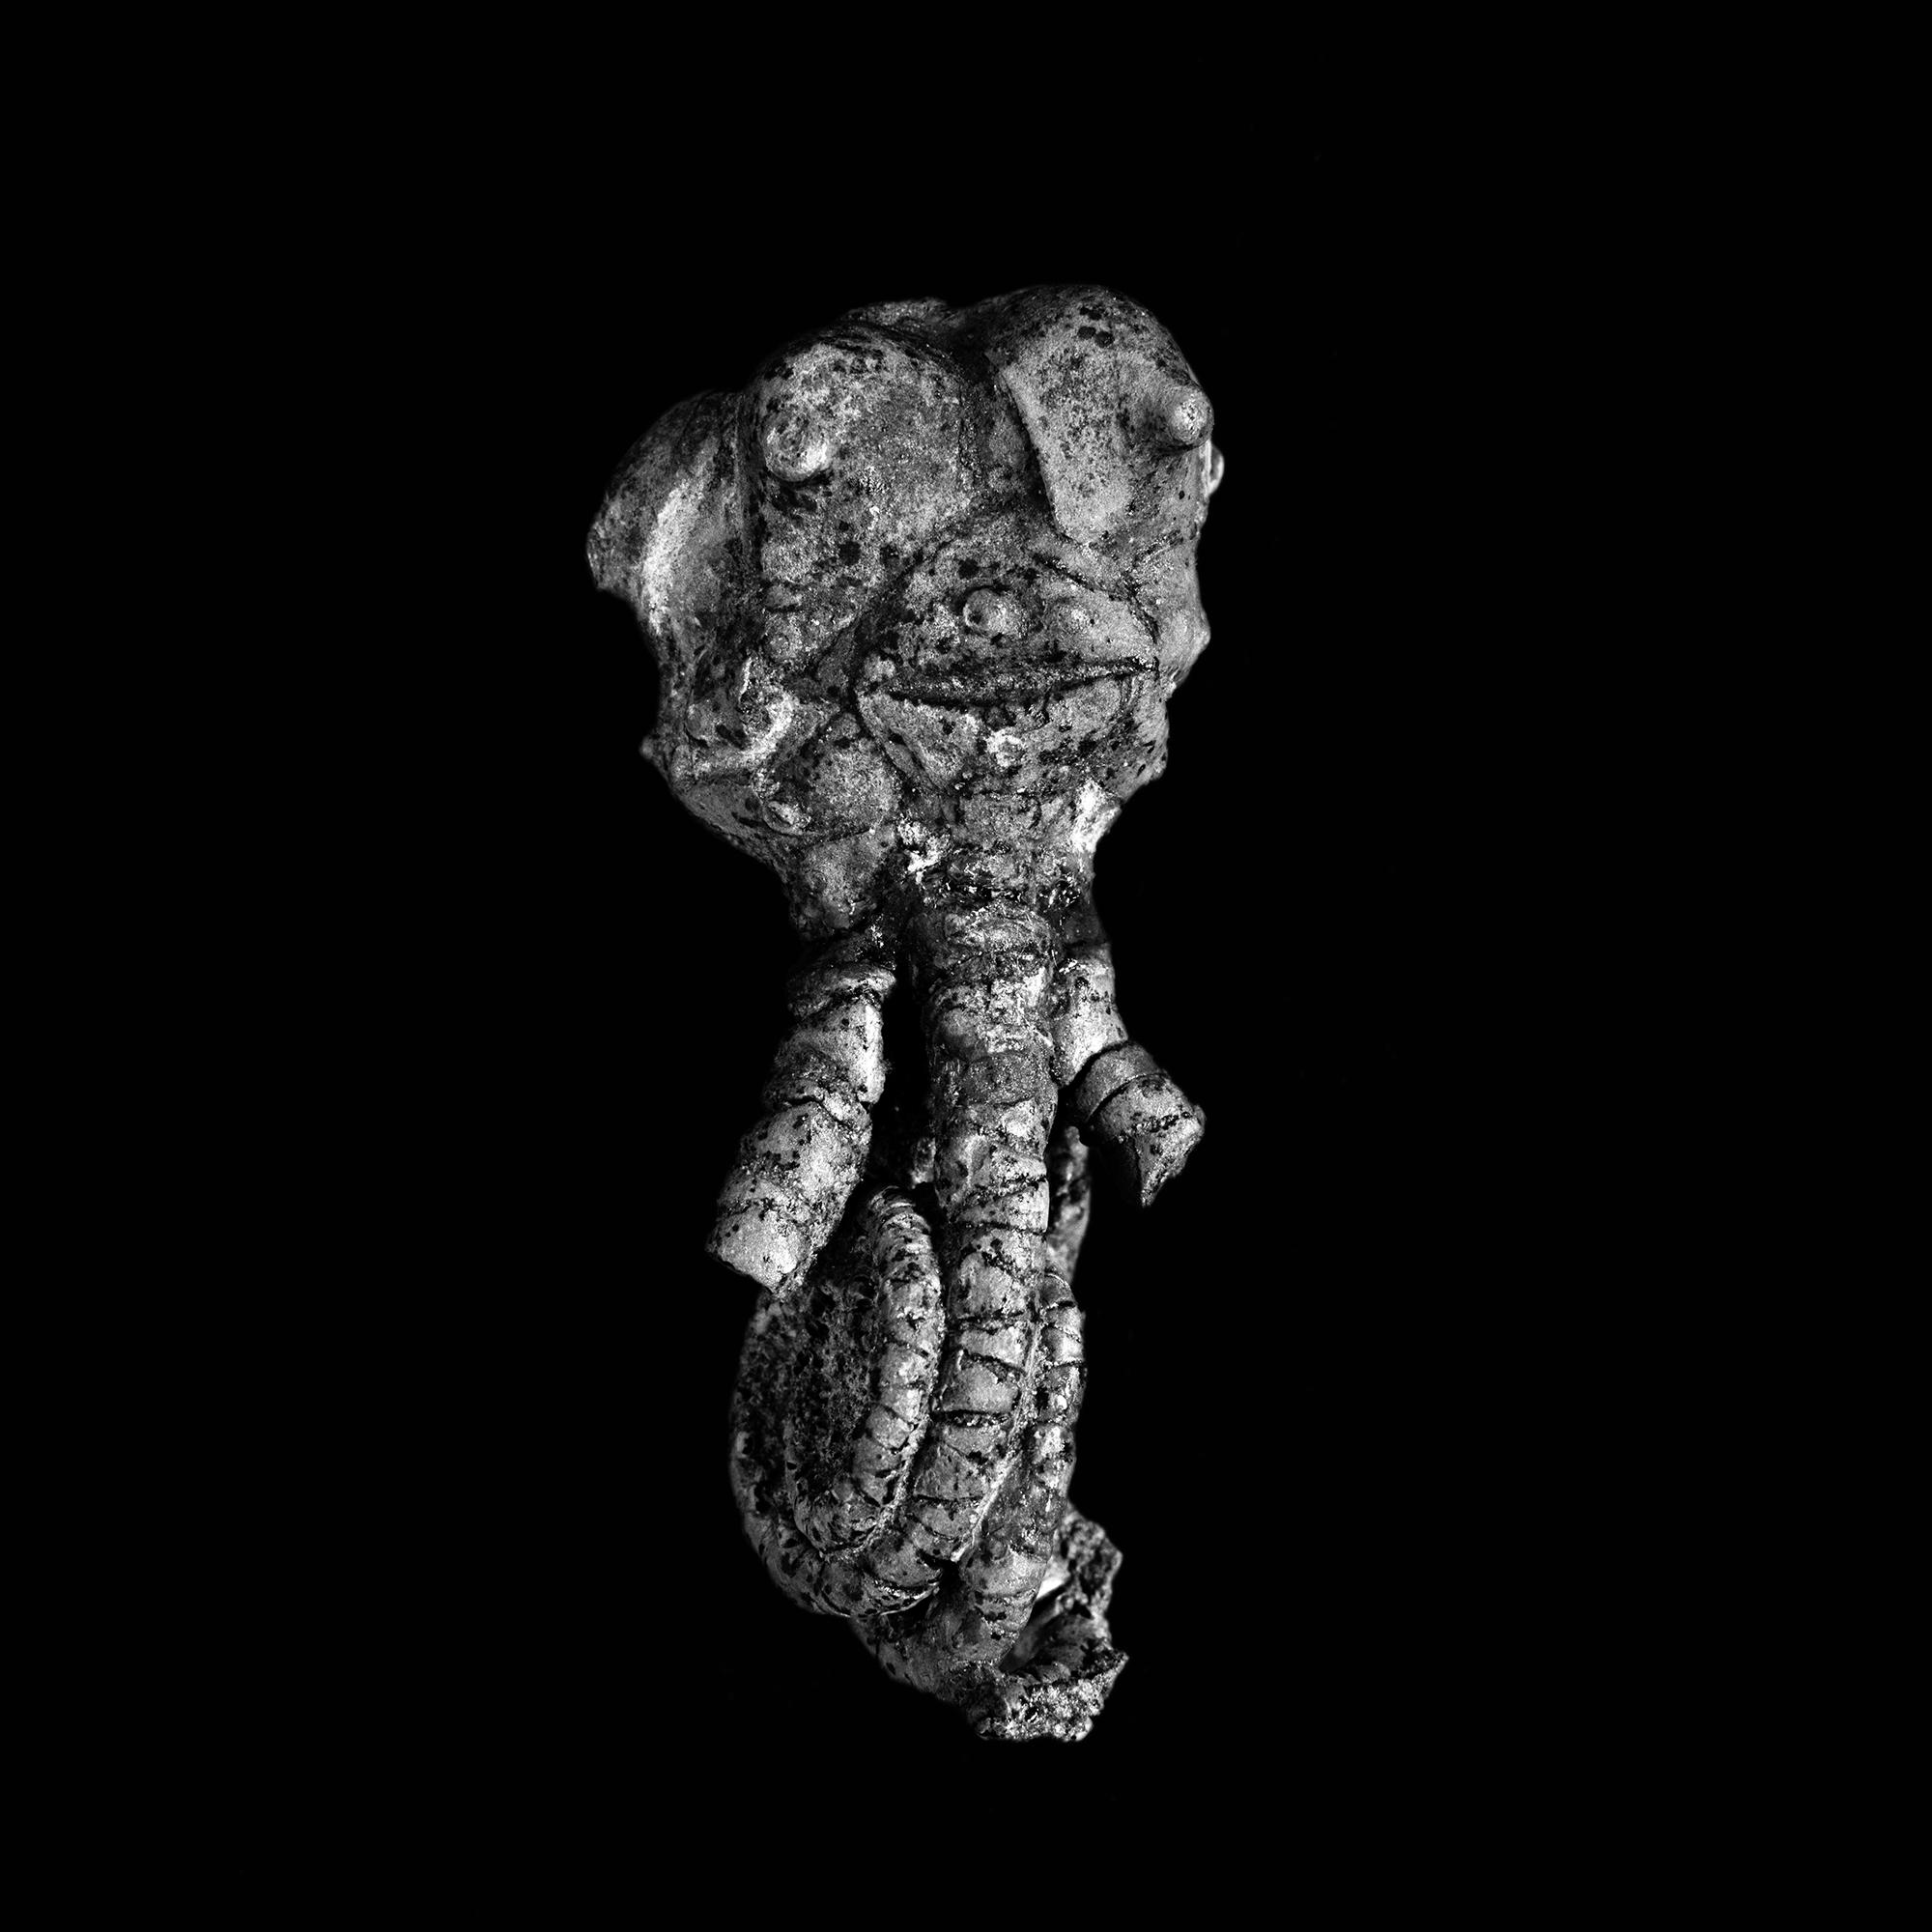 Jimbacrinus bostocki / Perm von Jimb Jimba/Westaustraiien